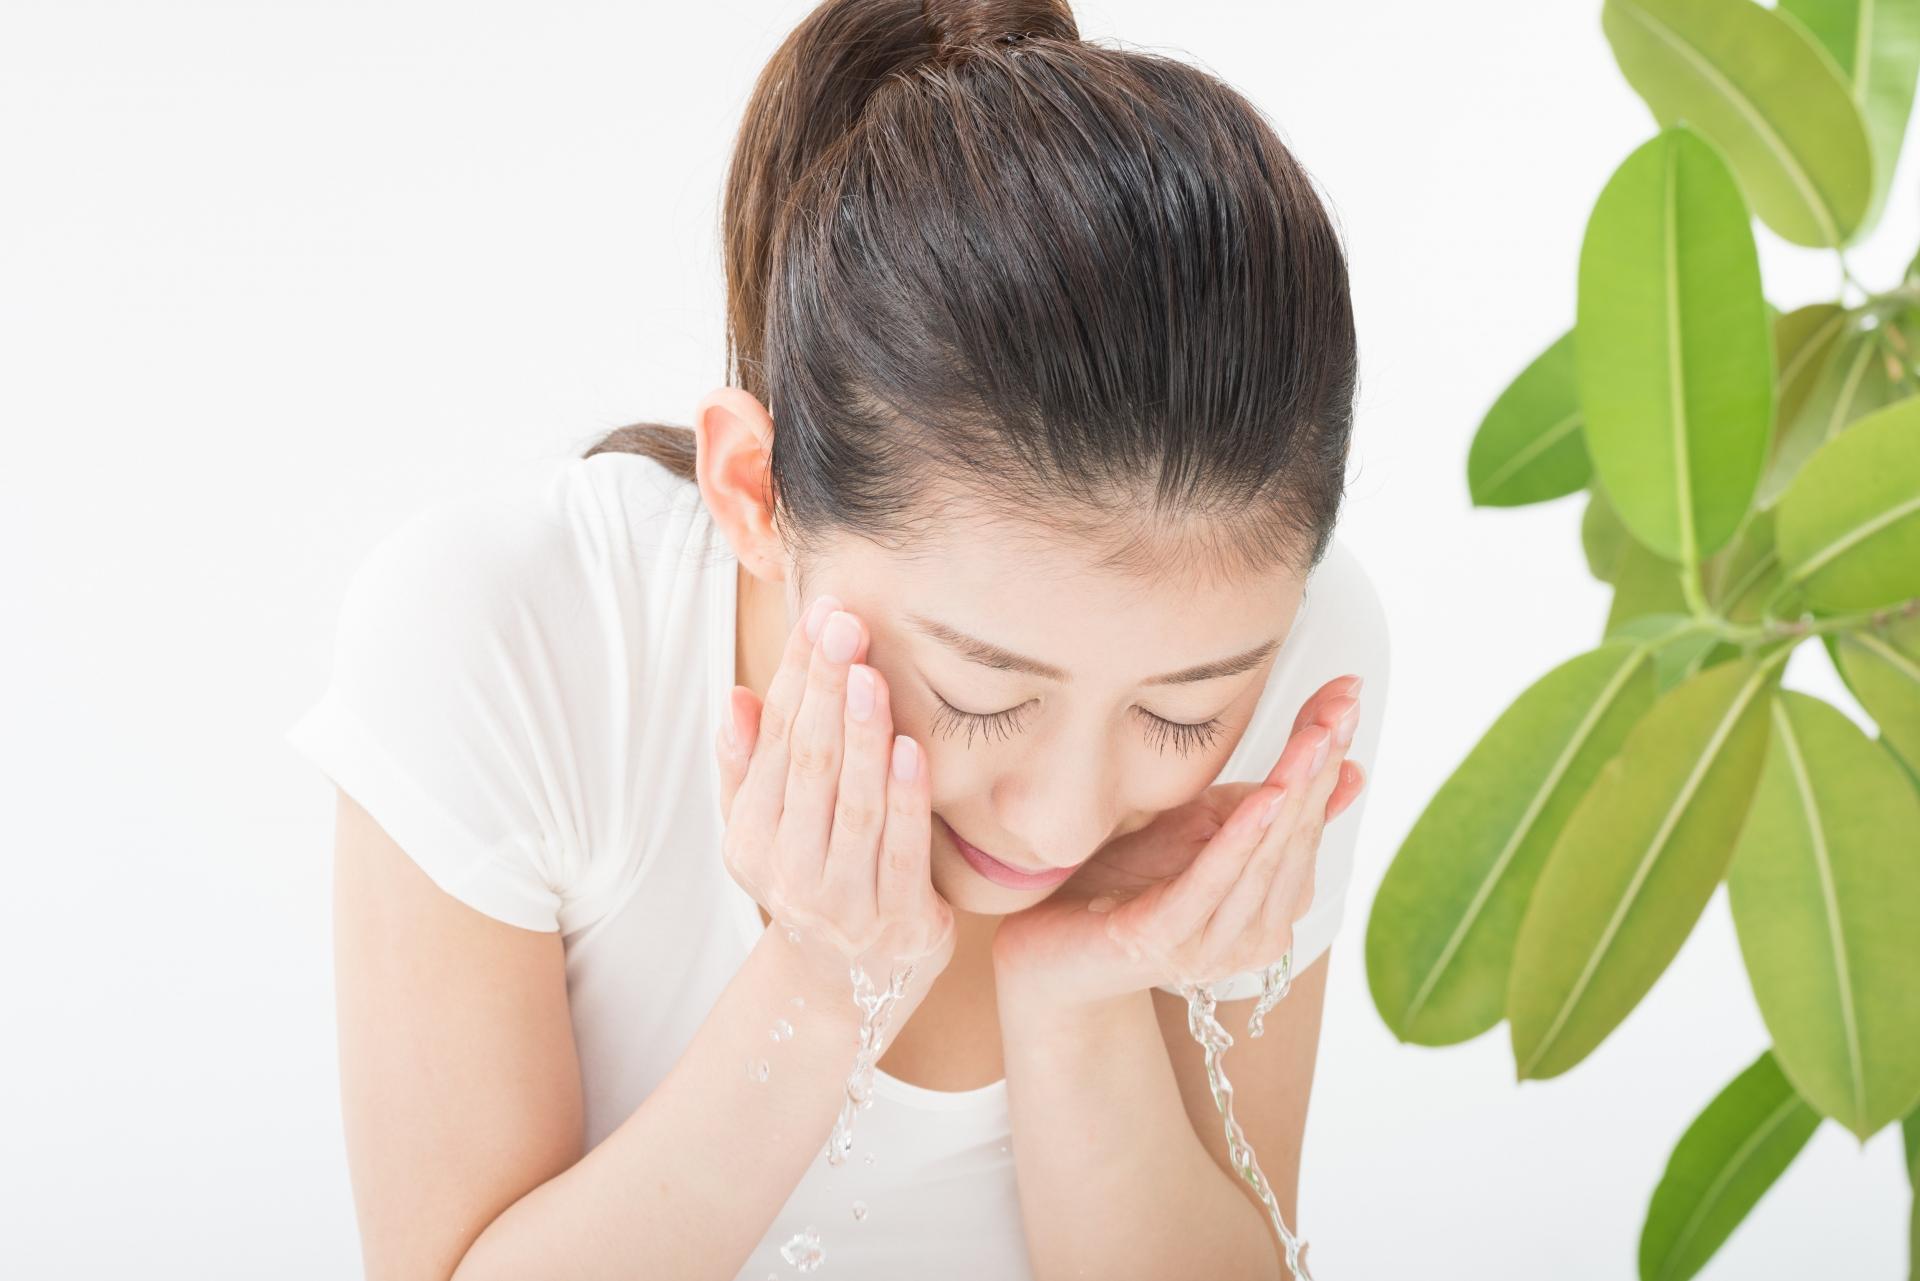 肌が綺麗な人は洗顔方法を知っている!肌が変わる洗顔方法